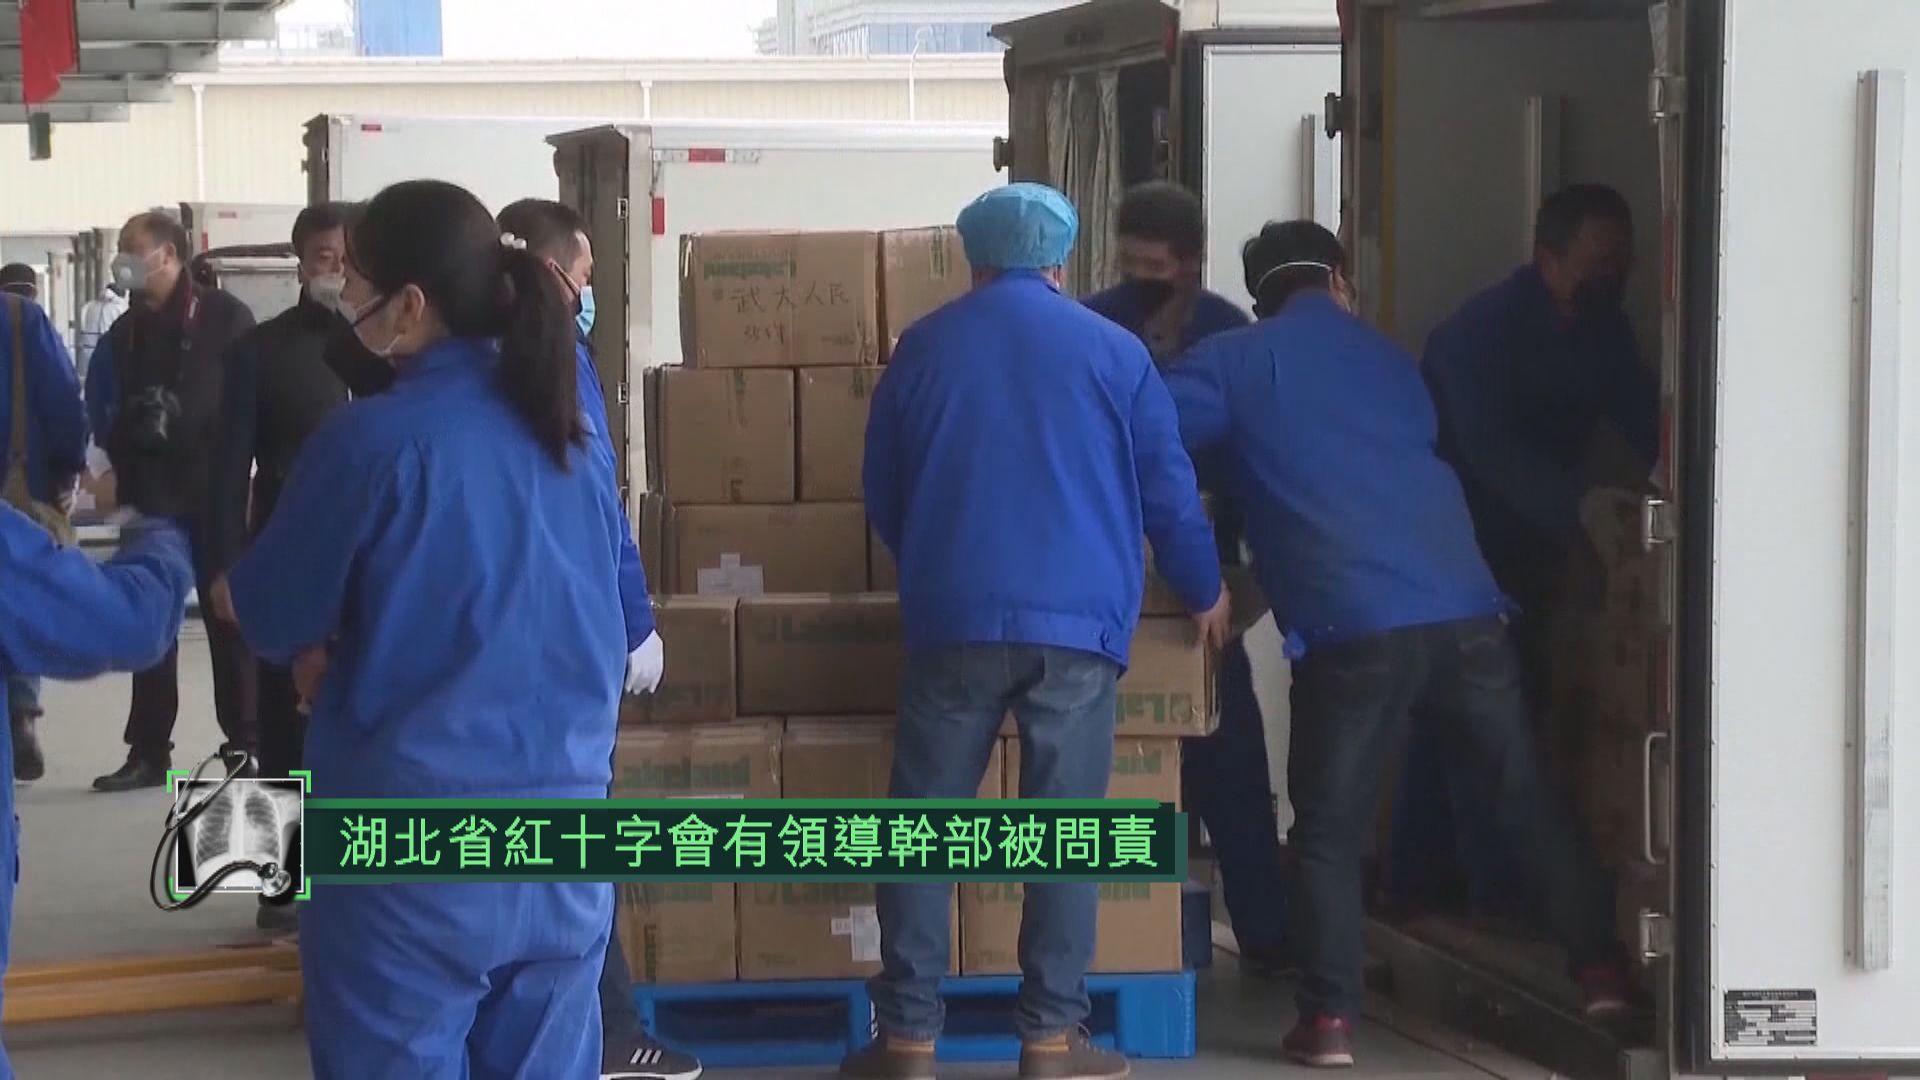 湖北省紅十字會有領導幹部被問責